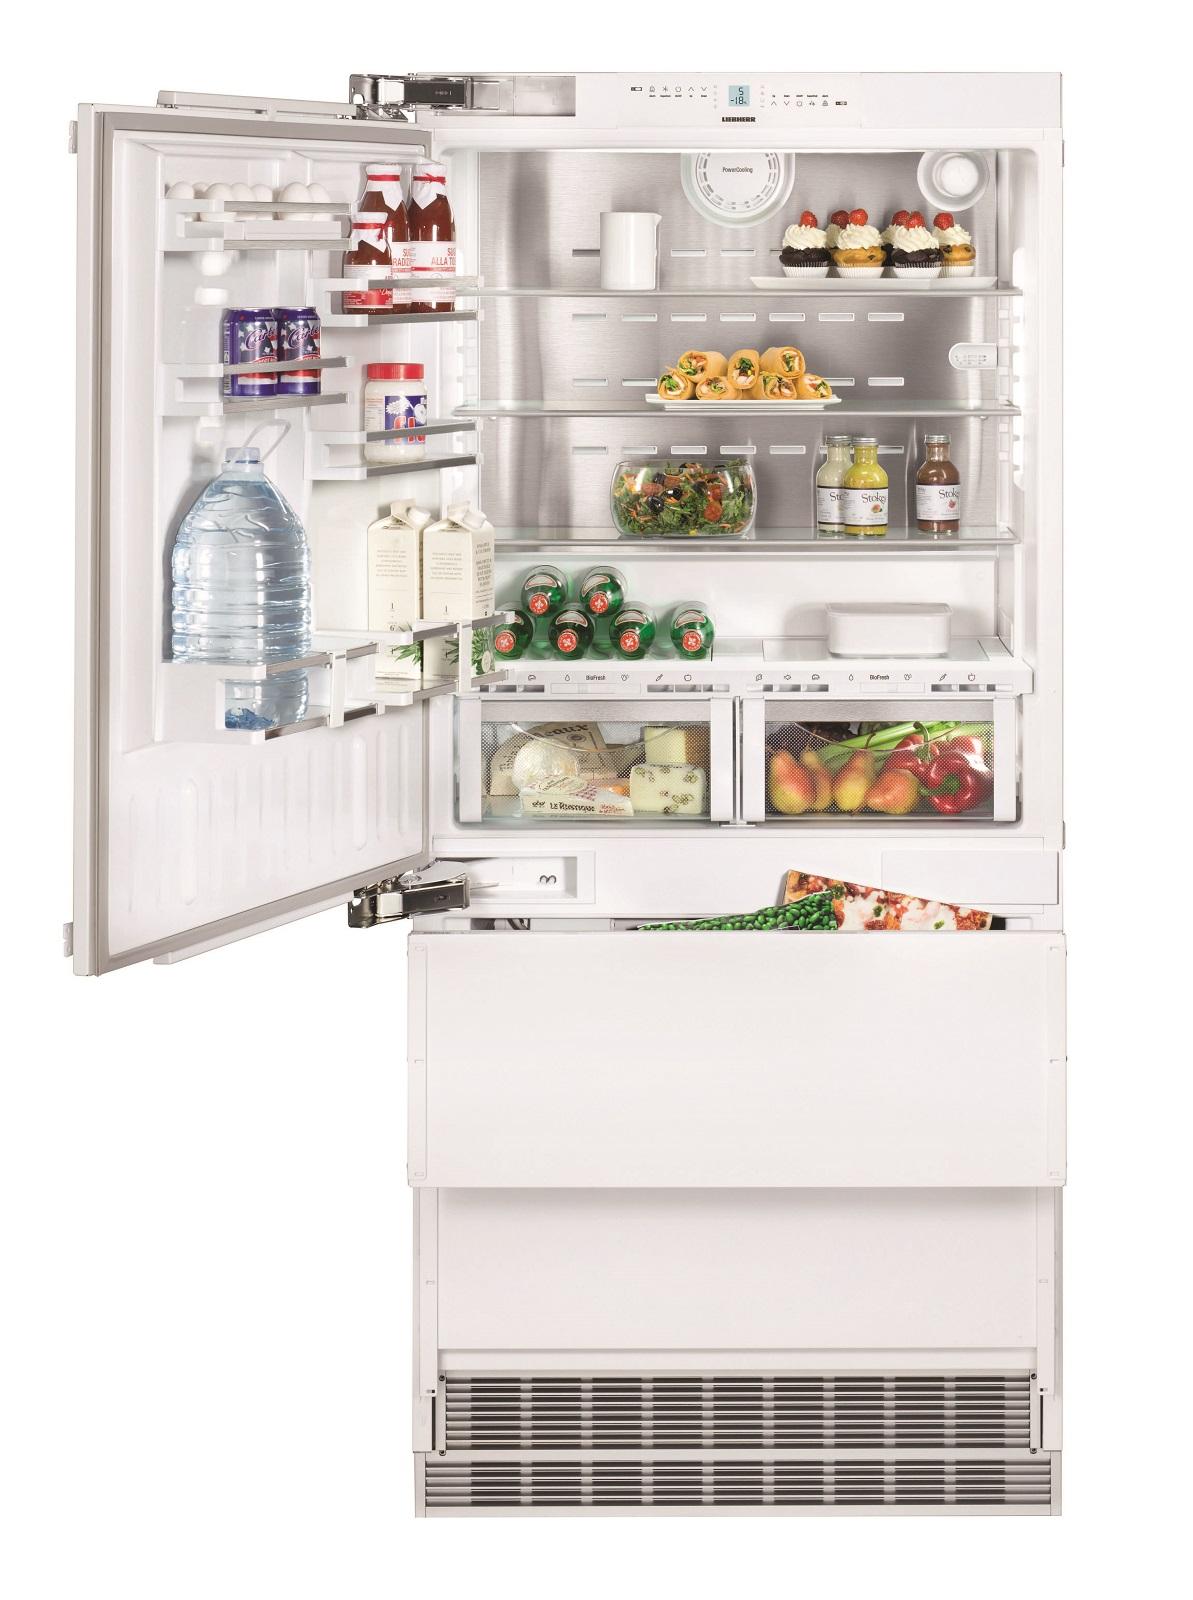 купить Встраиваемый двухкамерный холодильник Liebherr ECBN 6156 617 Украина фото 0